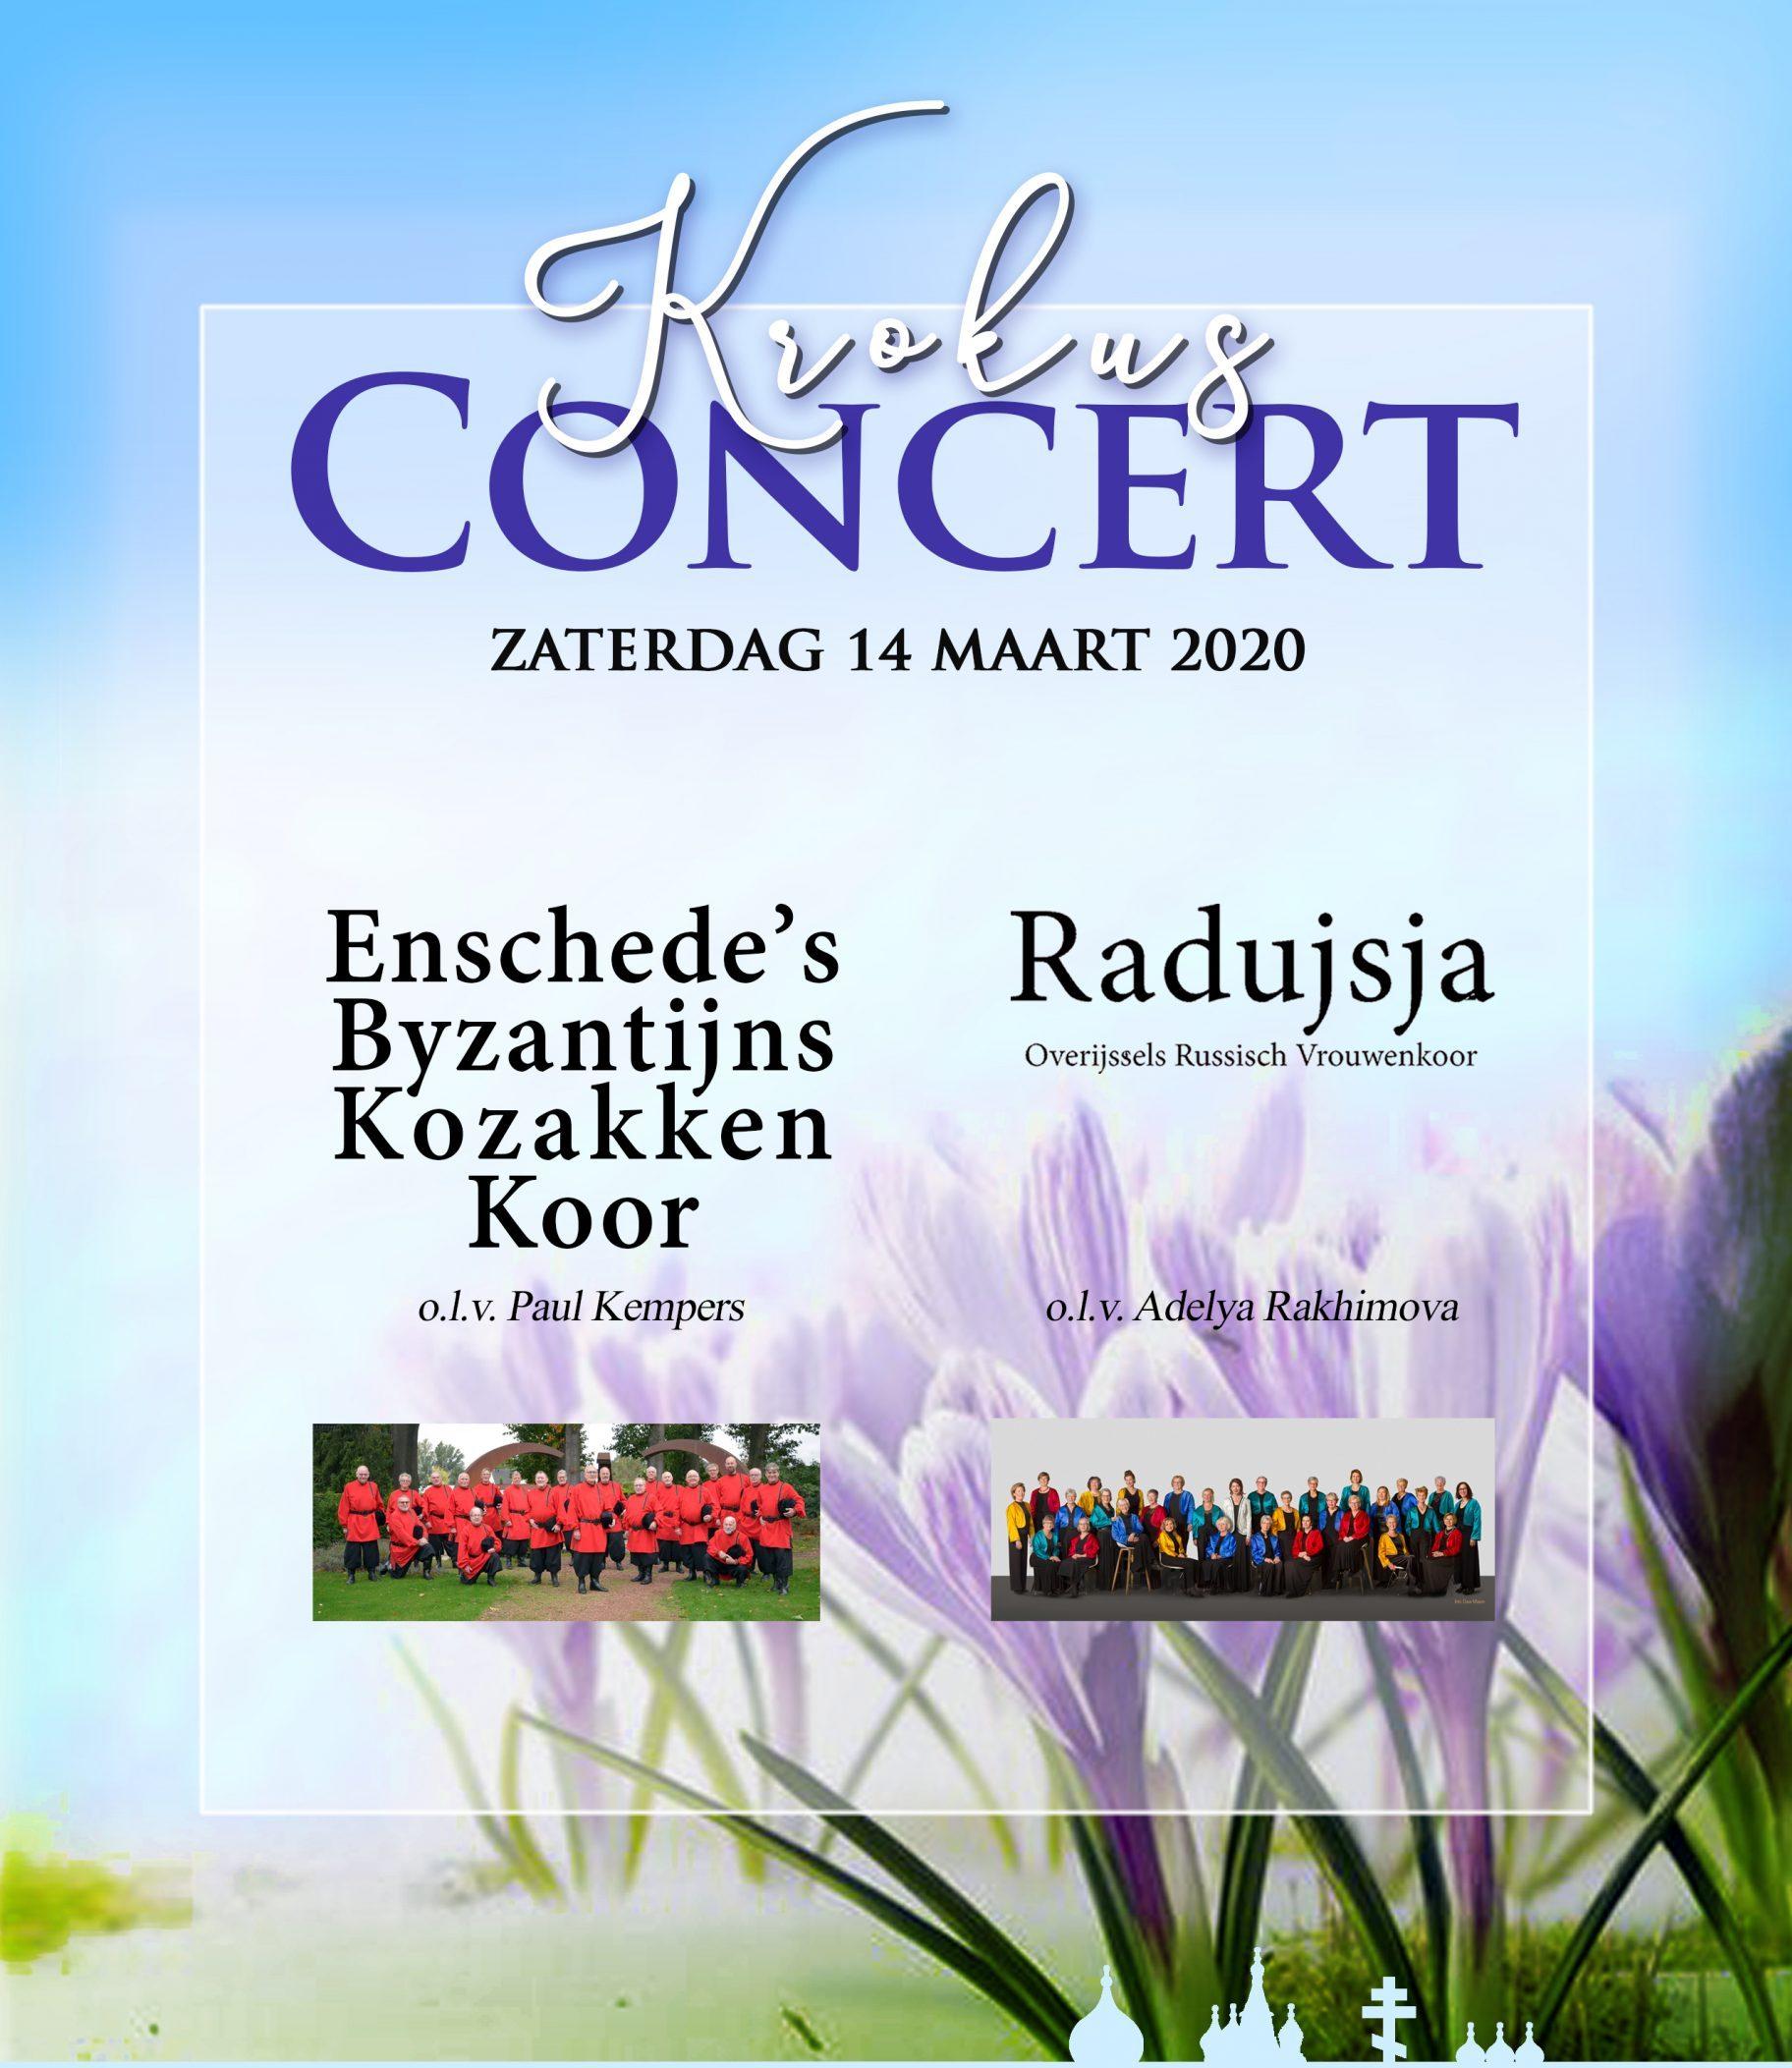 Het concert van 13 maart 2021 moet helaas uitgesteld worden.